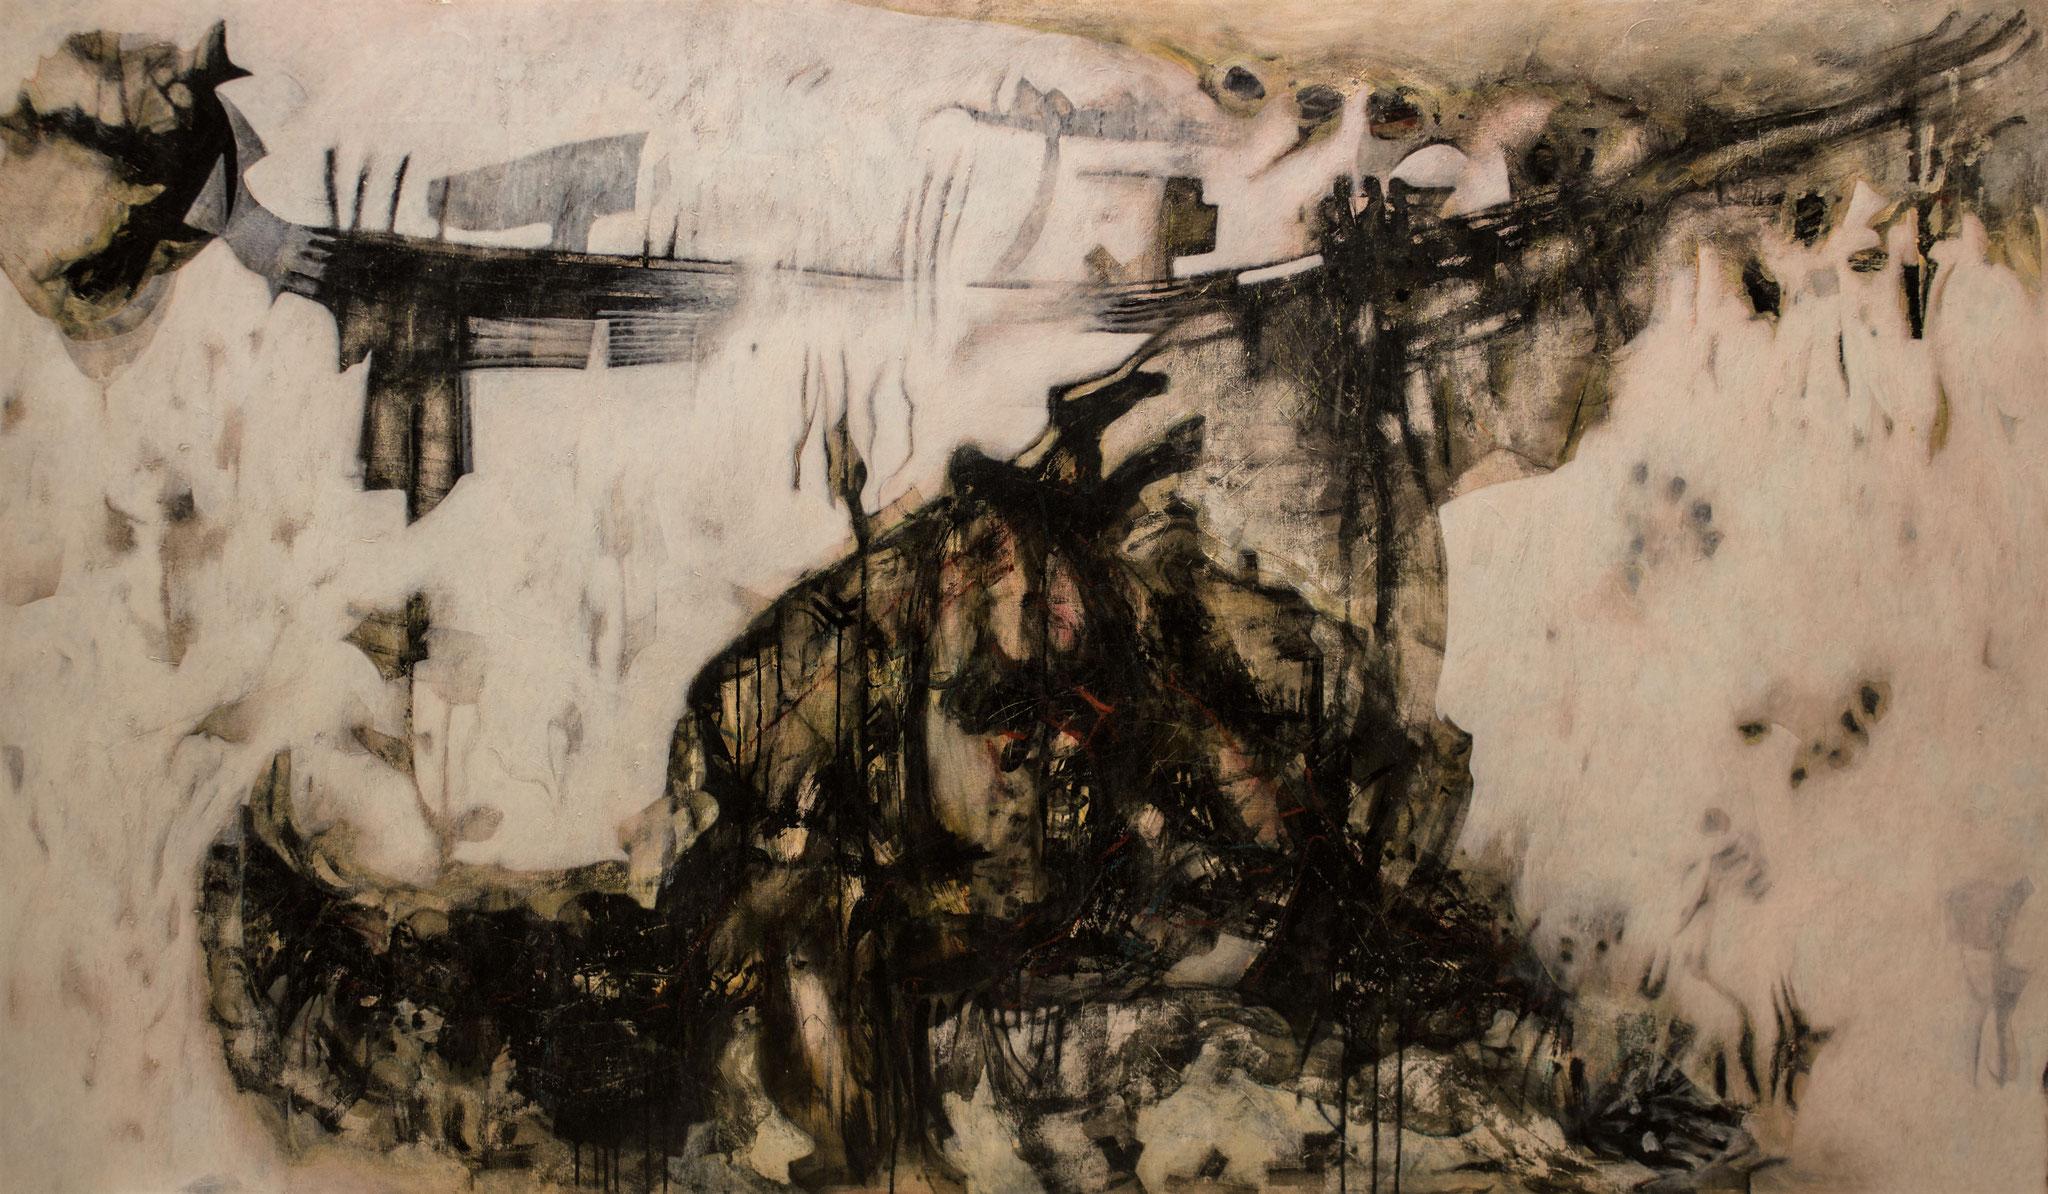 Modeste soirée - 2013 - 207 x 122 cm - technique mixte sur panneau bois - Juandez